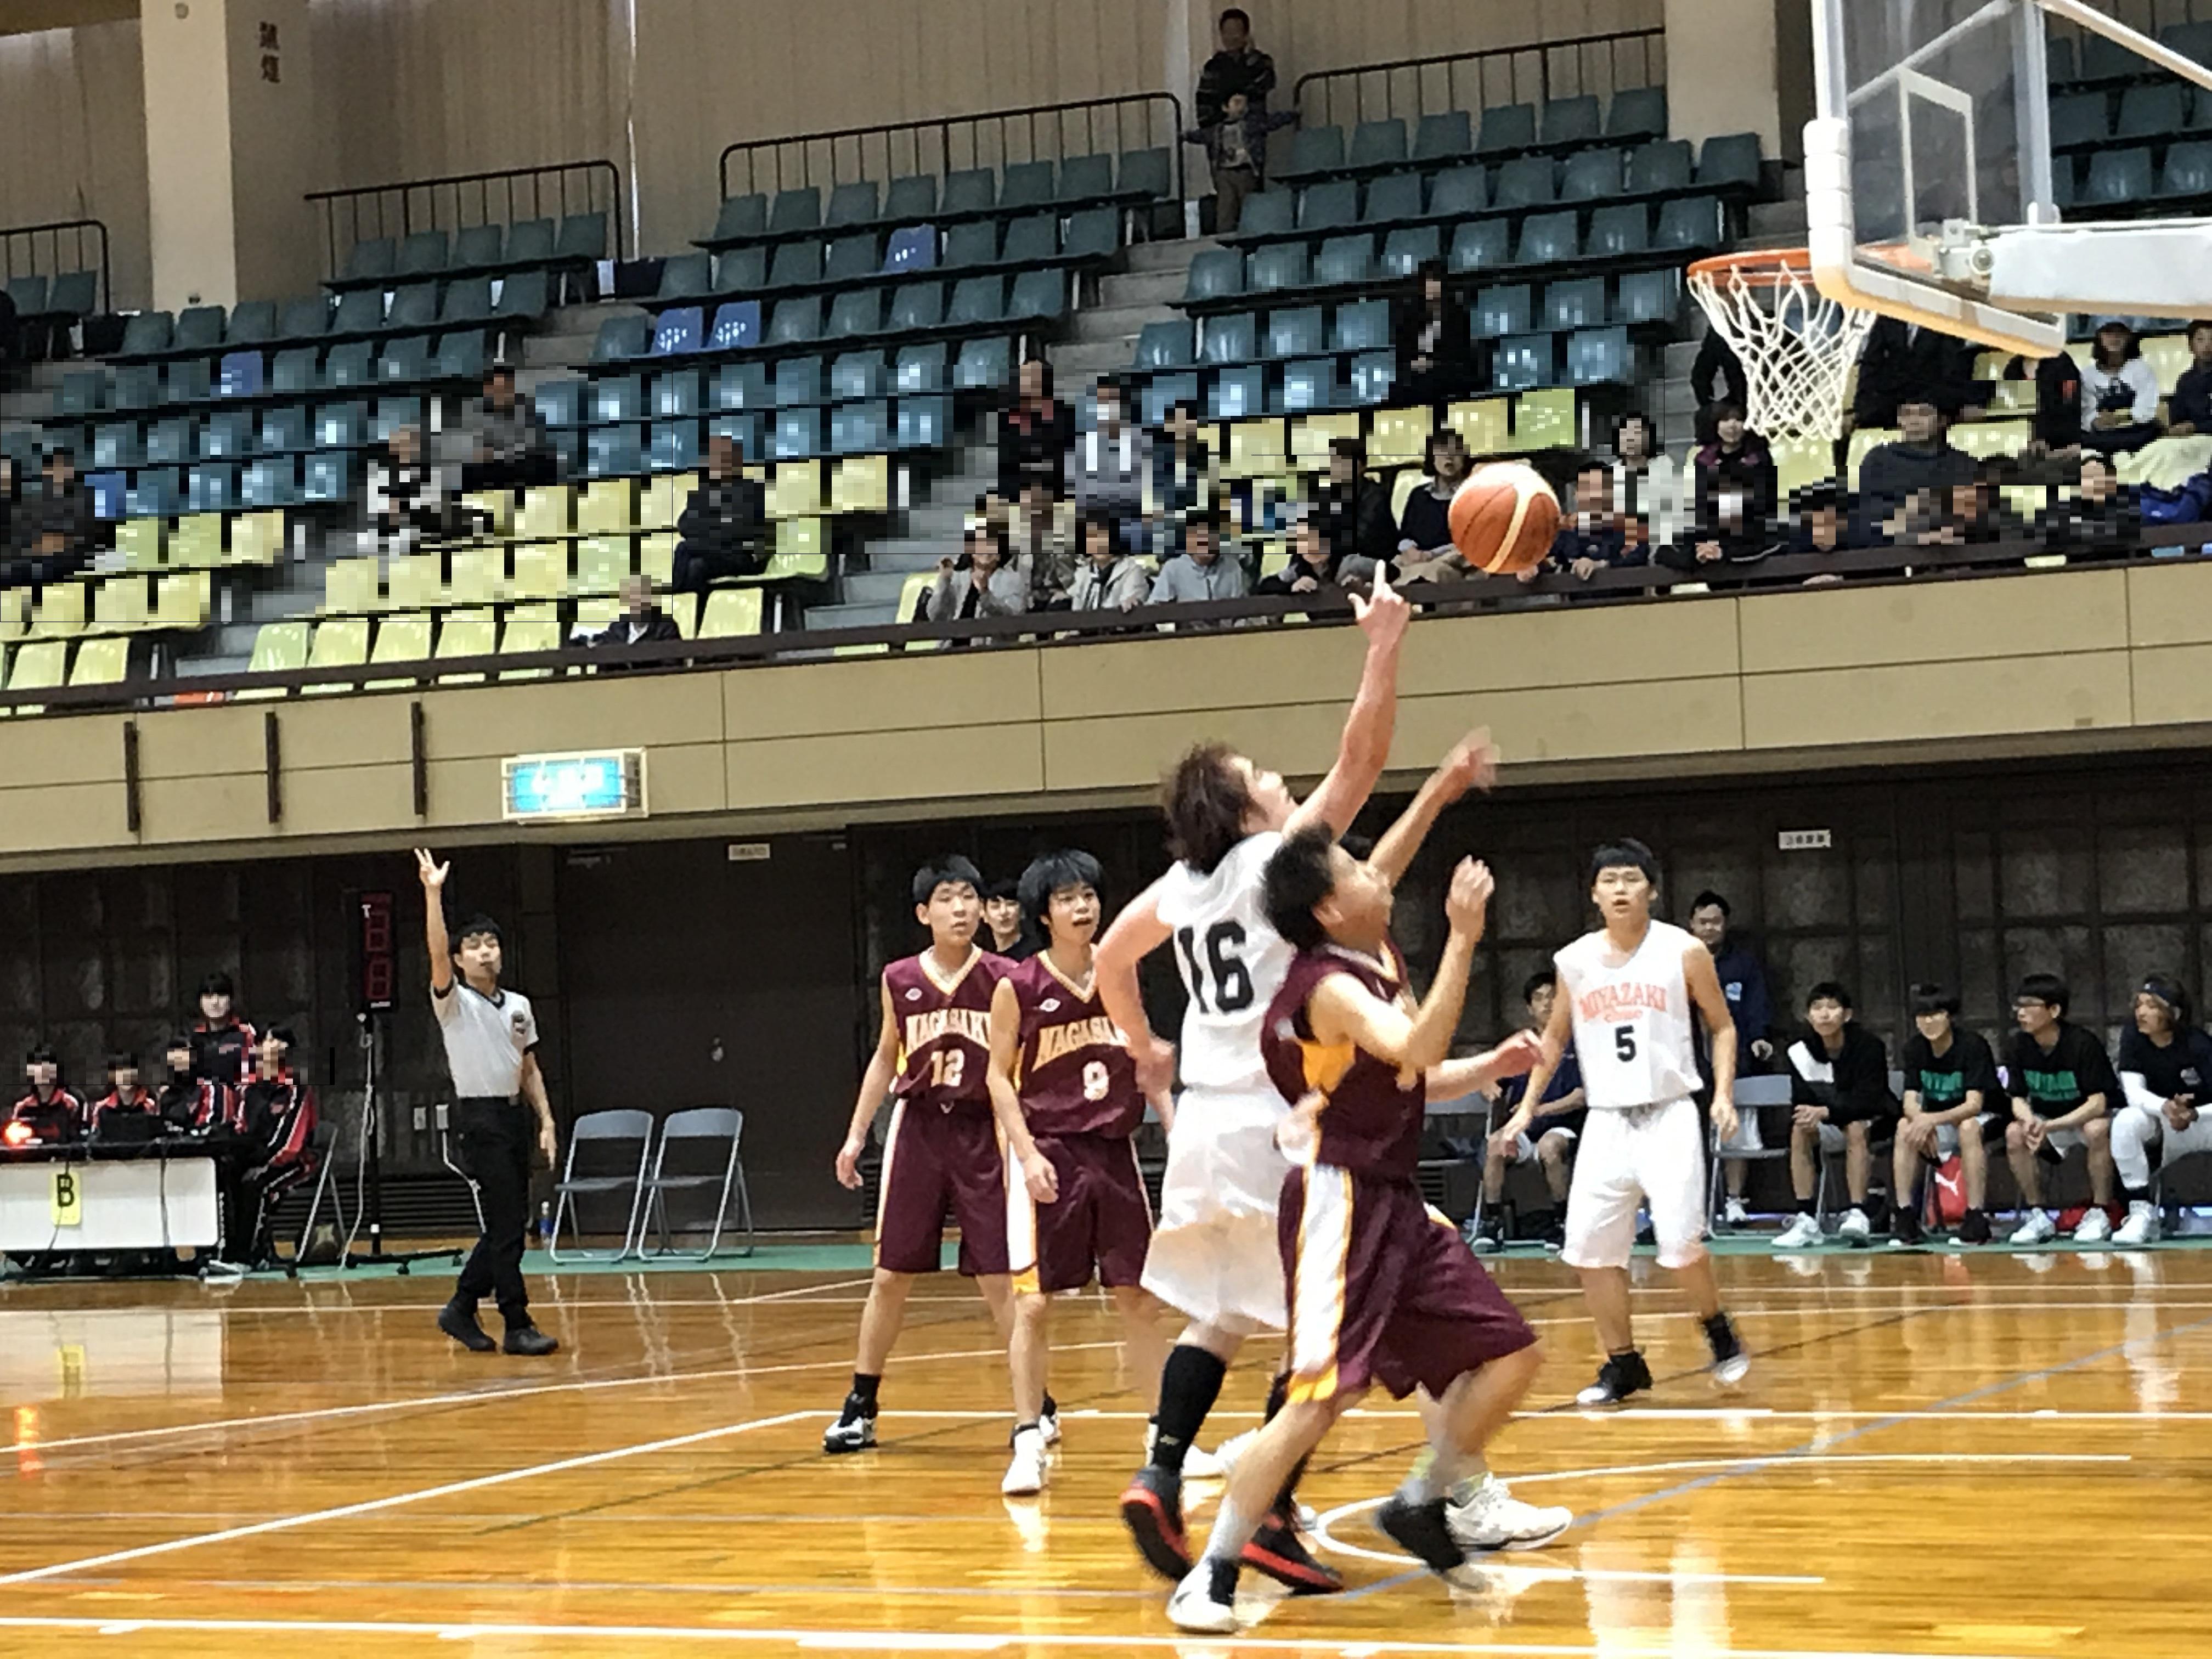 スポーツタウン「日本のひなた宮崎県」